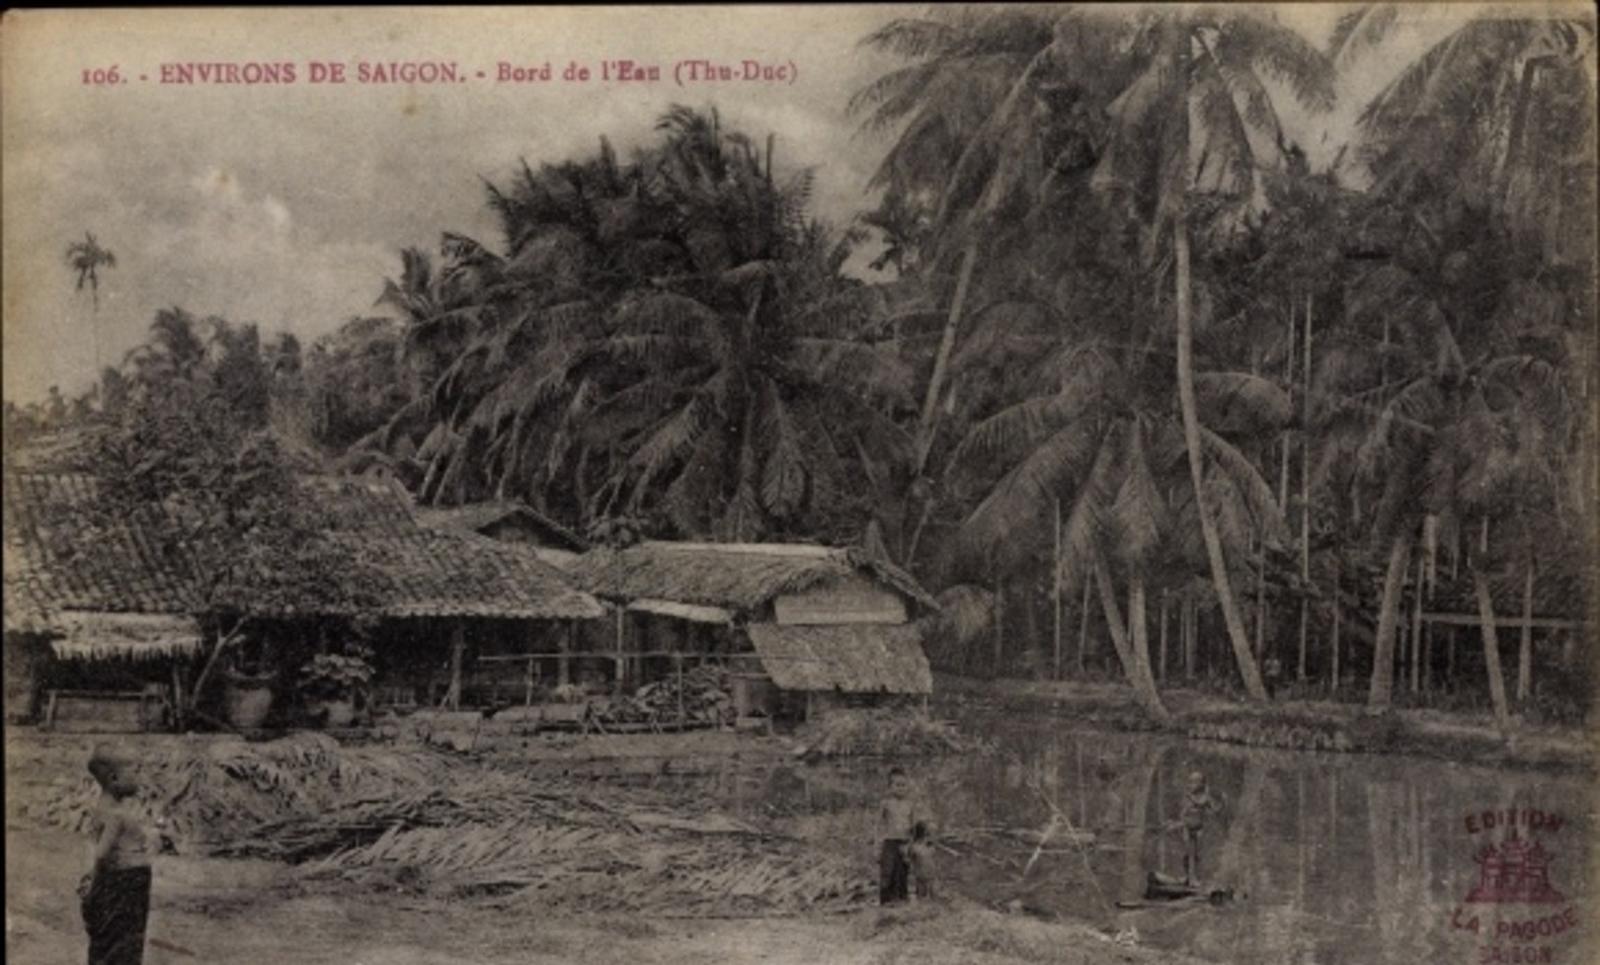 Hô Chi Minh-Ville -  Cp Saigon Cochinchine Vietnam, Environs de Saigon, Bord de l'Eau